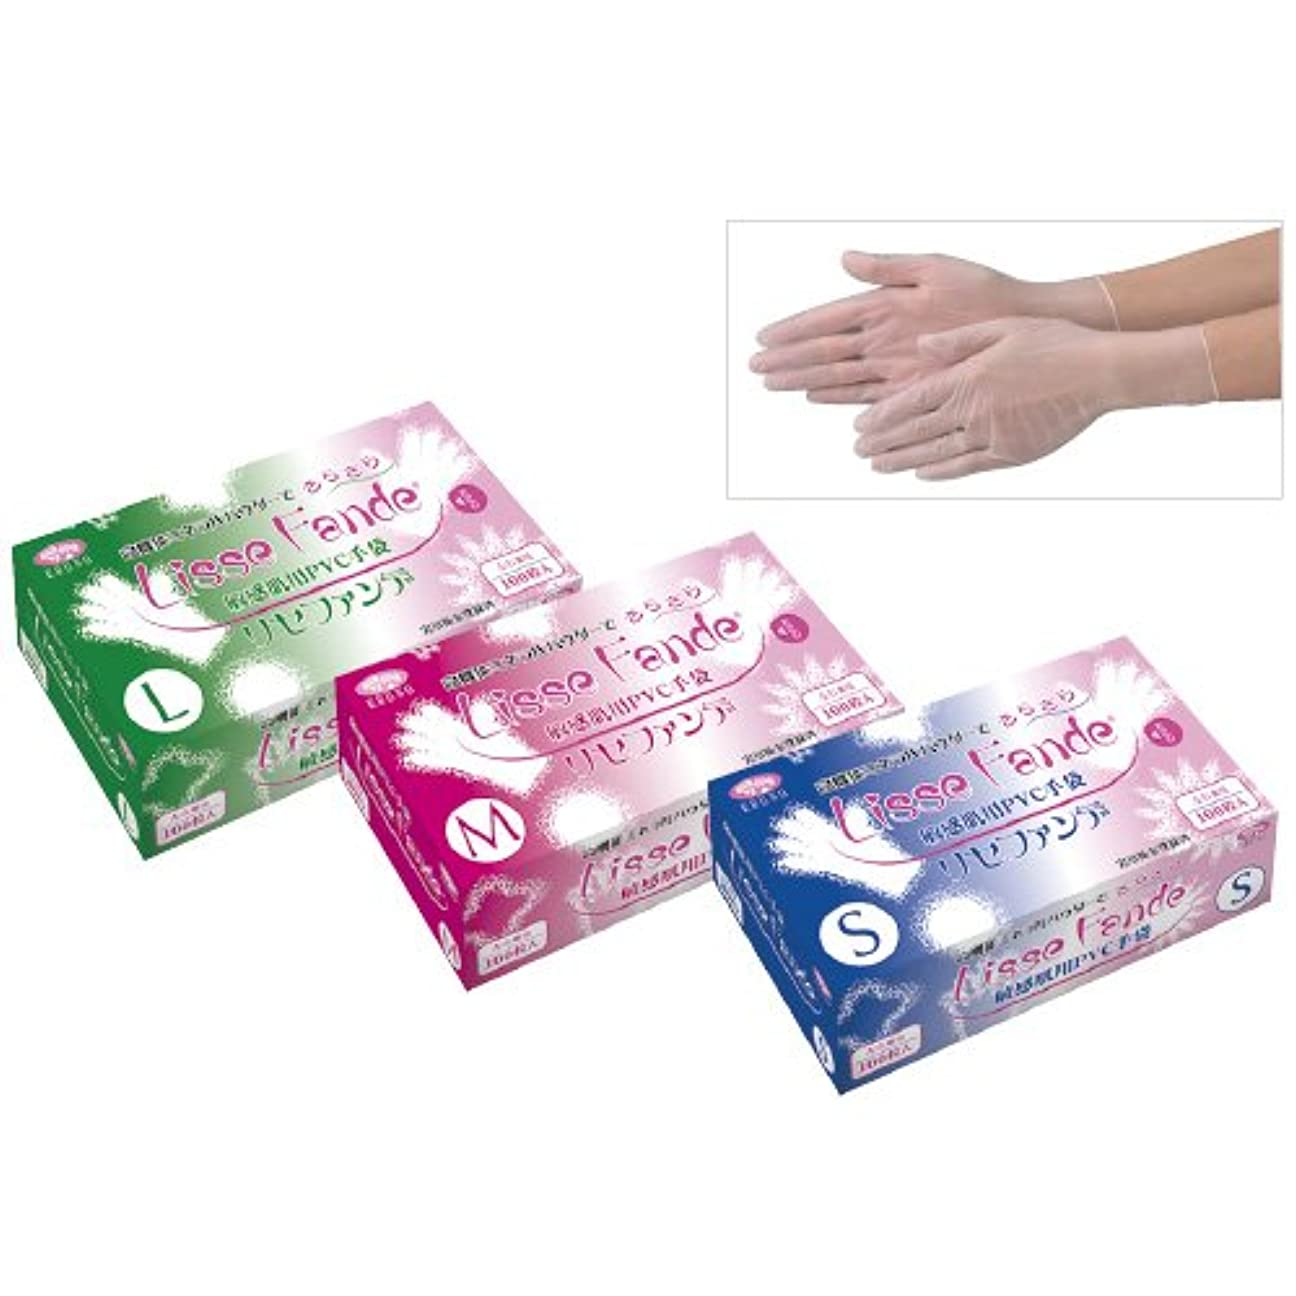 特別に再びレスリング敏感肌用PVC手袋リセファンデ 117(L)100???? ??????????PVC??????(24-4373-02)【エブノ】[20箱単位]